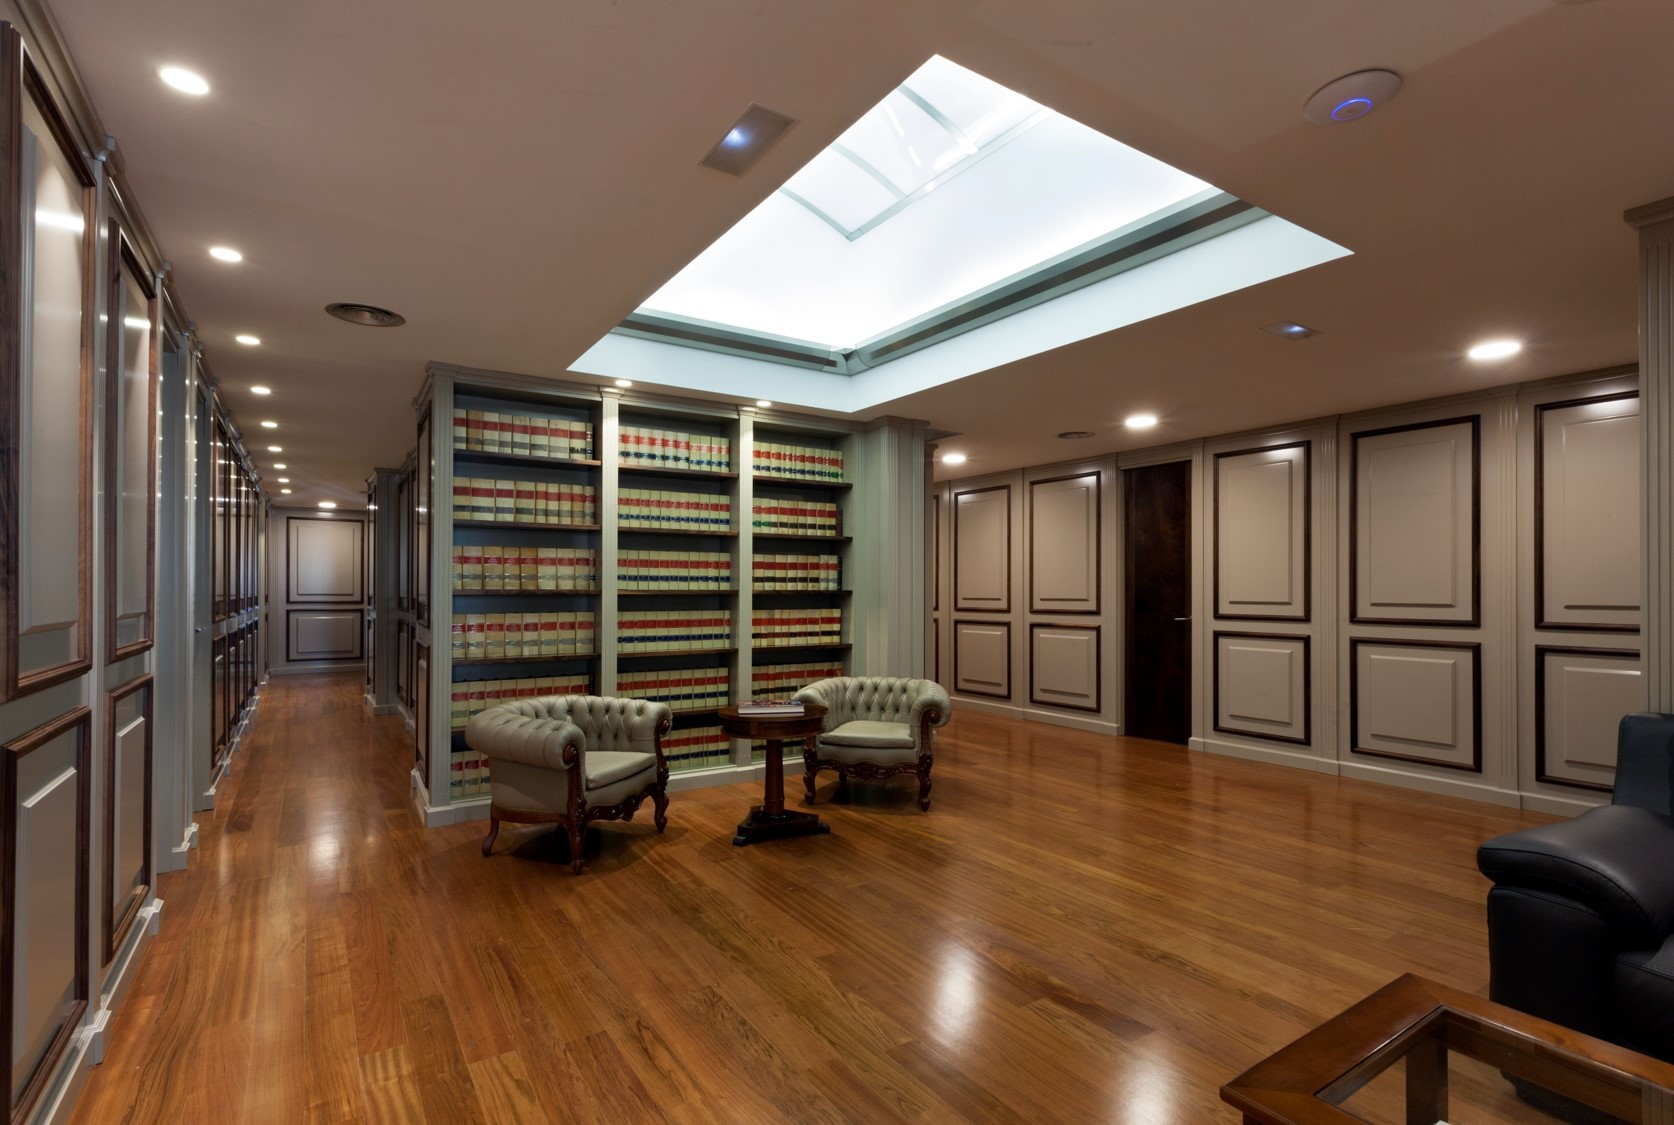 G mez tejedor abogados pauferro mobiliario para tienda for Diseno de oficinas modernas para abogados